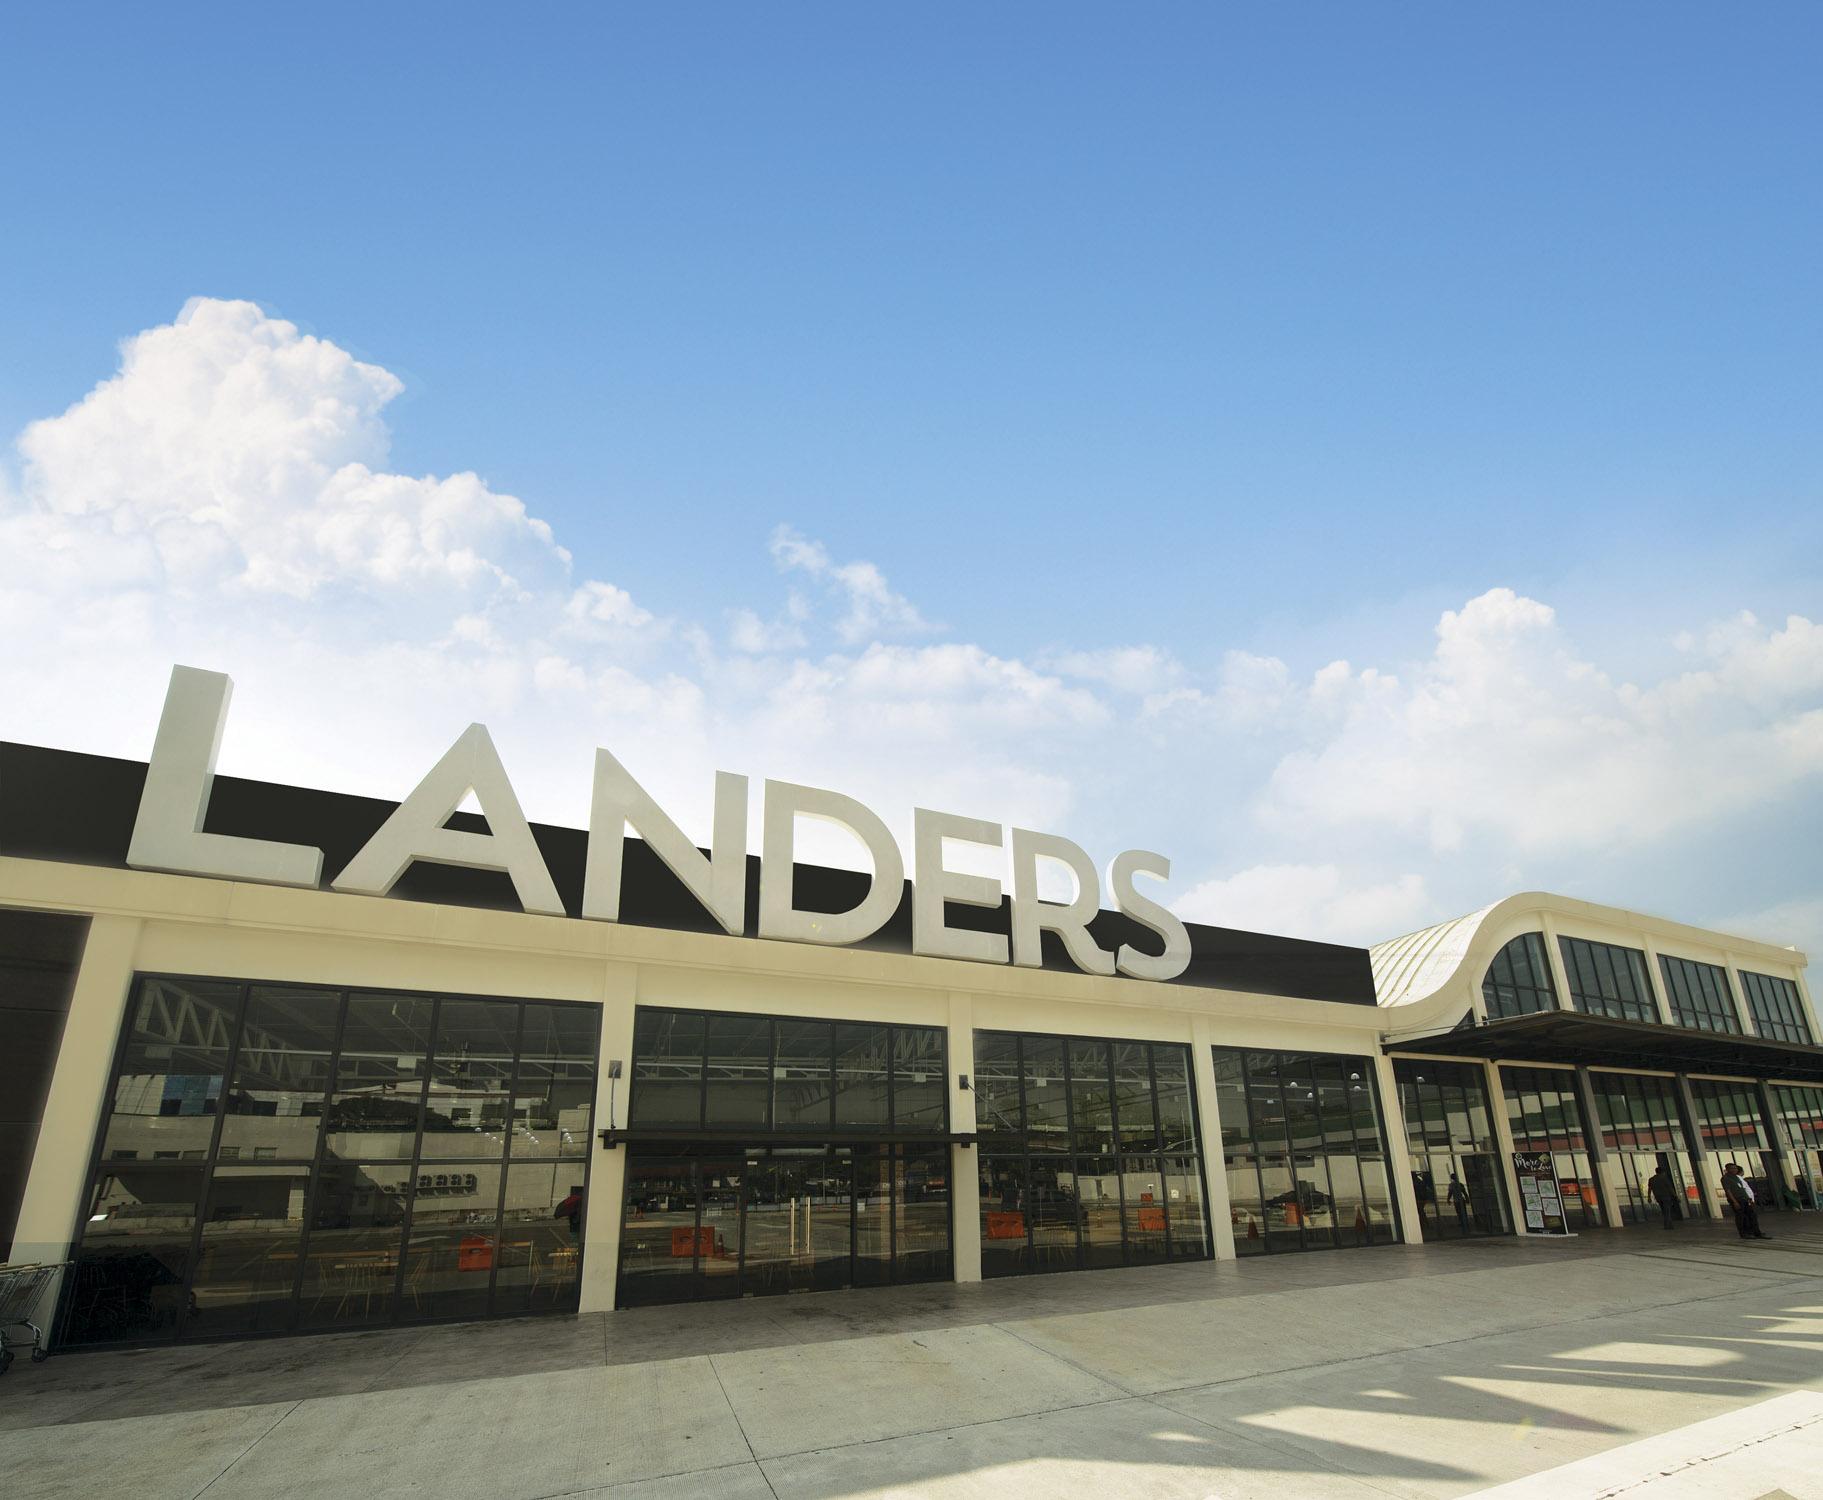 Landers_Alabang West goes super_photo 1